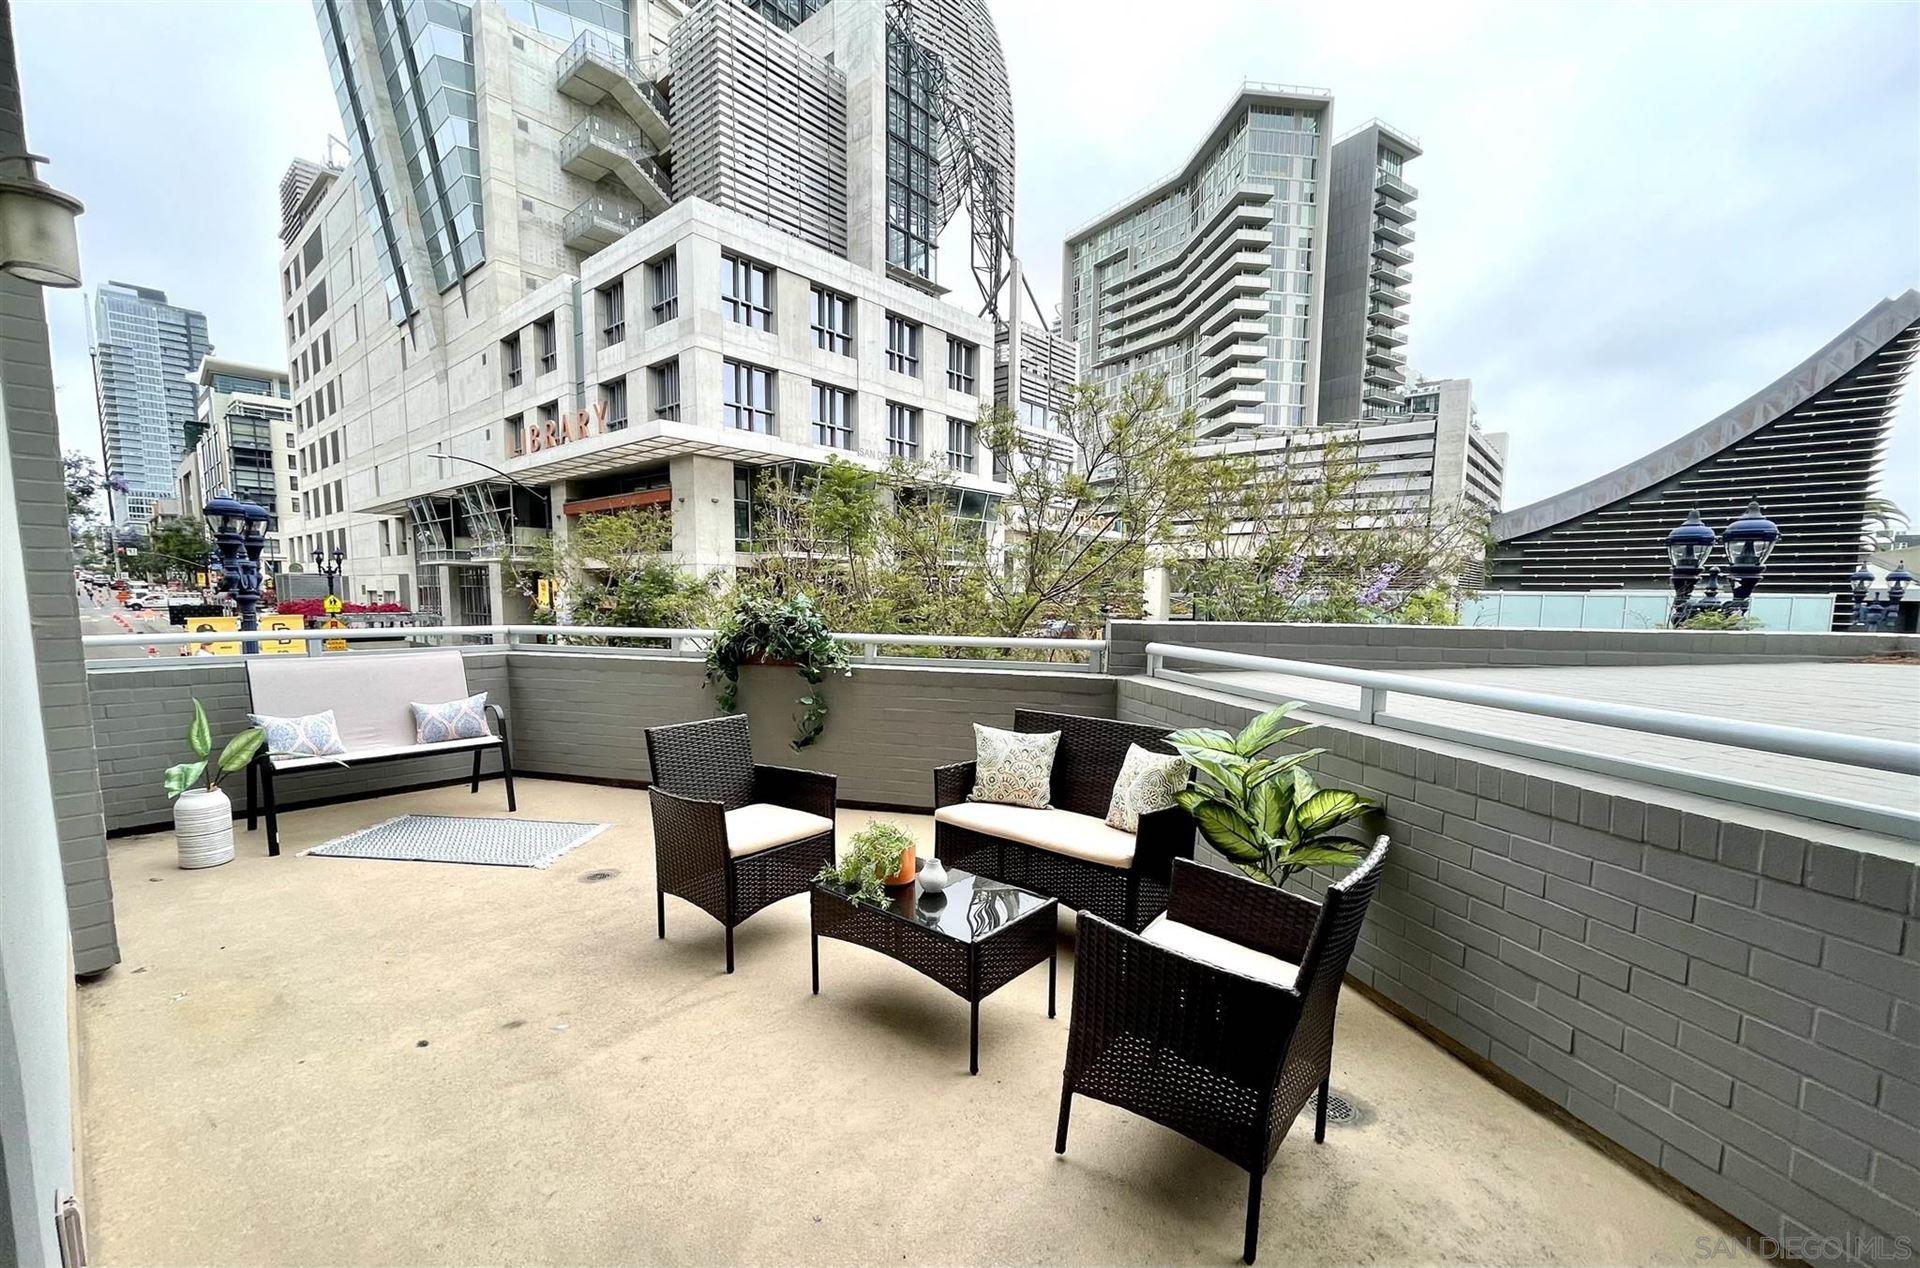 253 10Th Ave #230, San Diego, CA 92101 - MLS#: 210018625